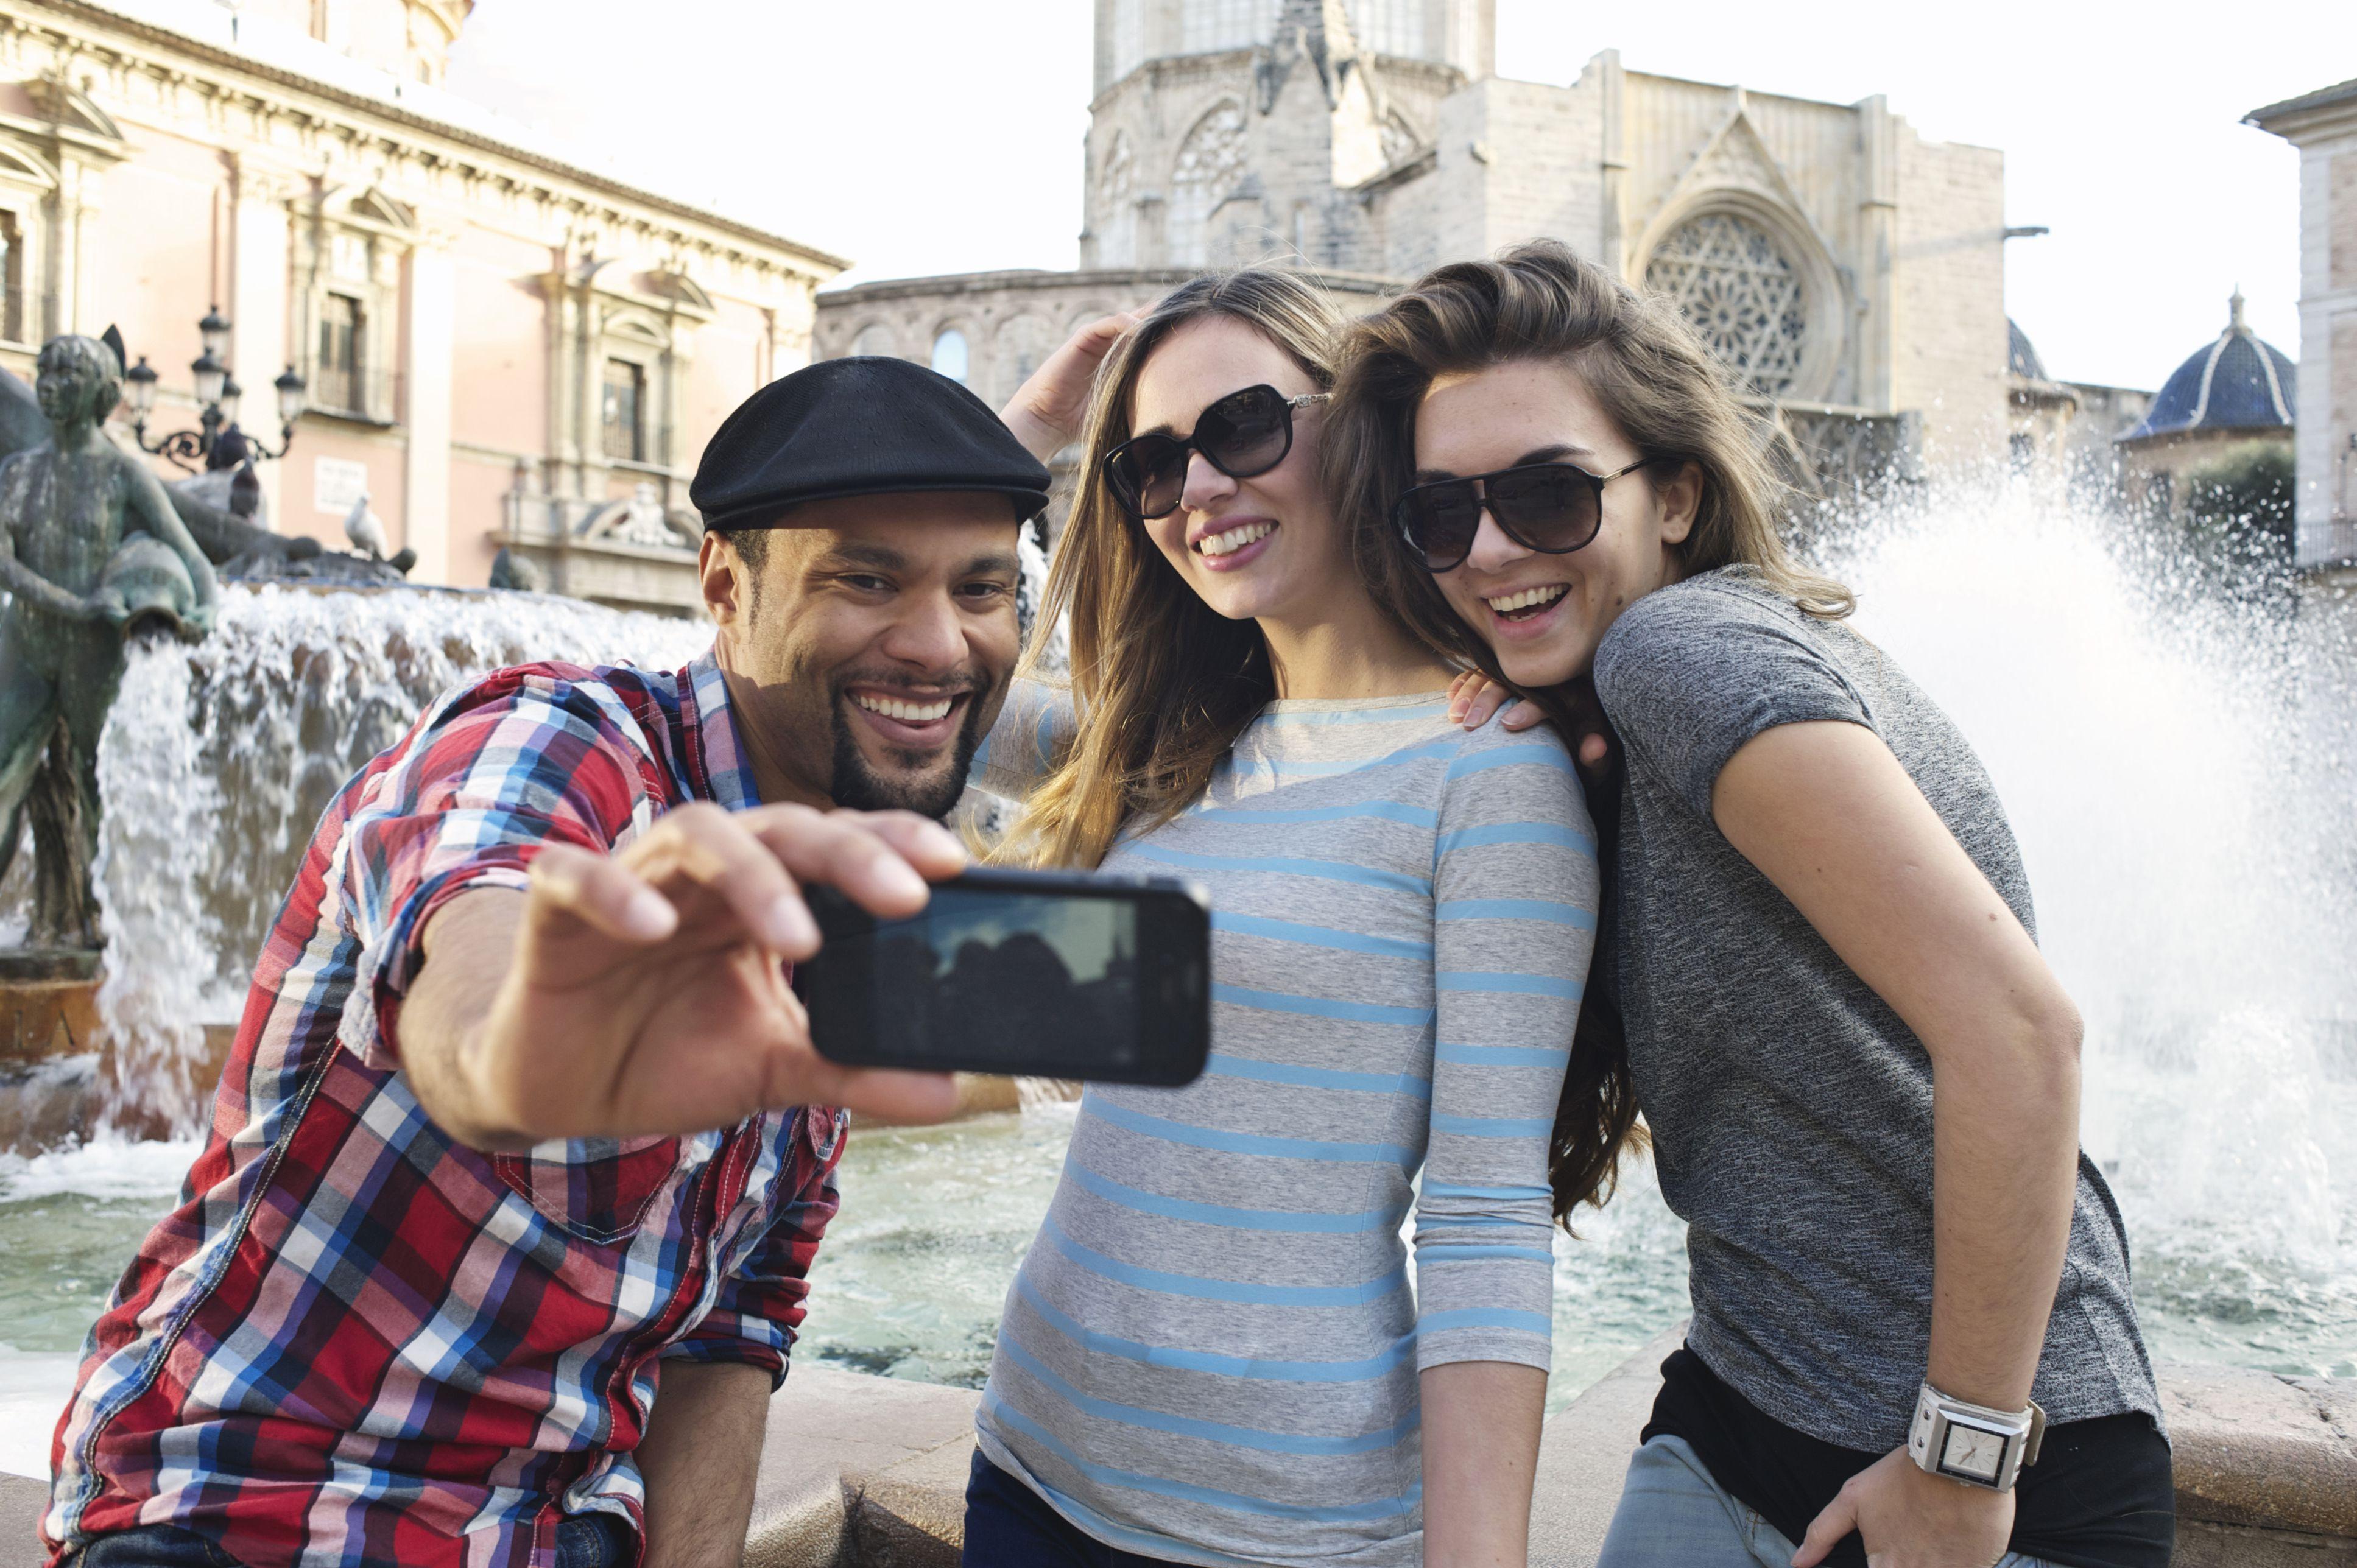 dos mujeres y un hombre tomando un selfie frente a una fuente